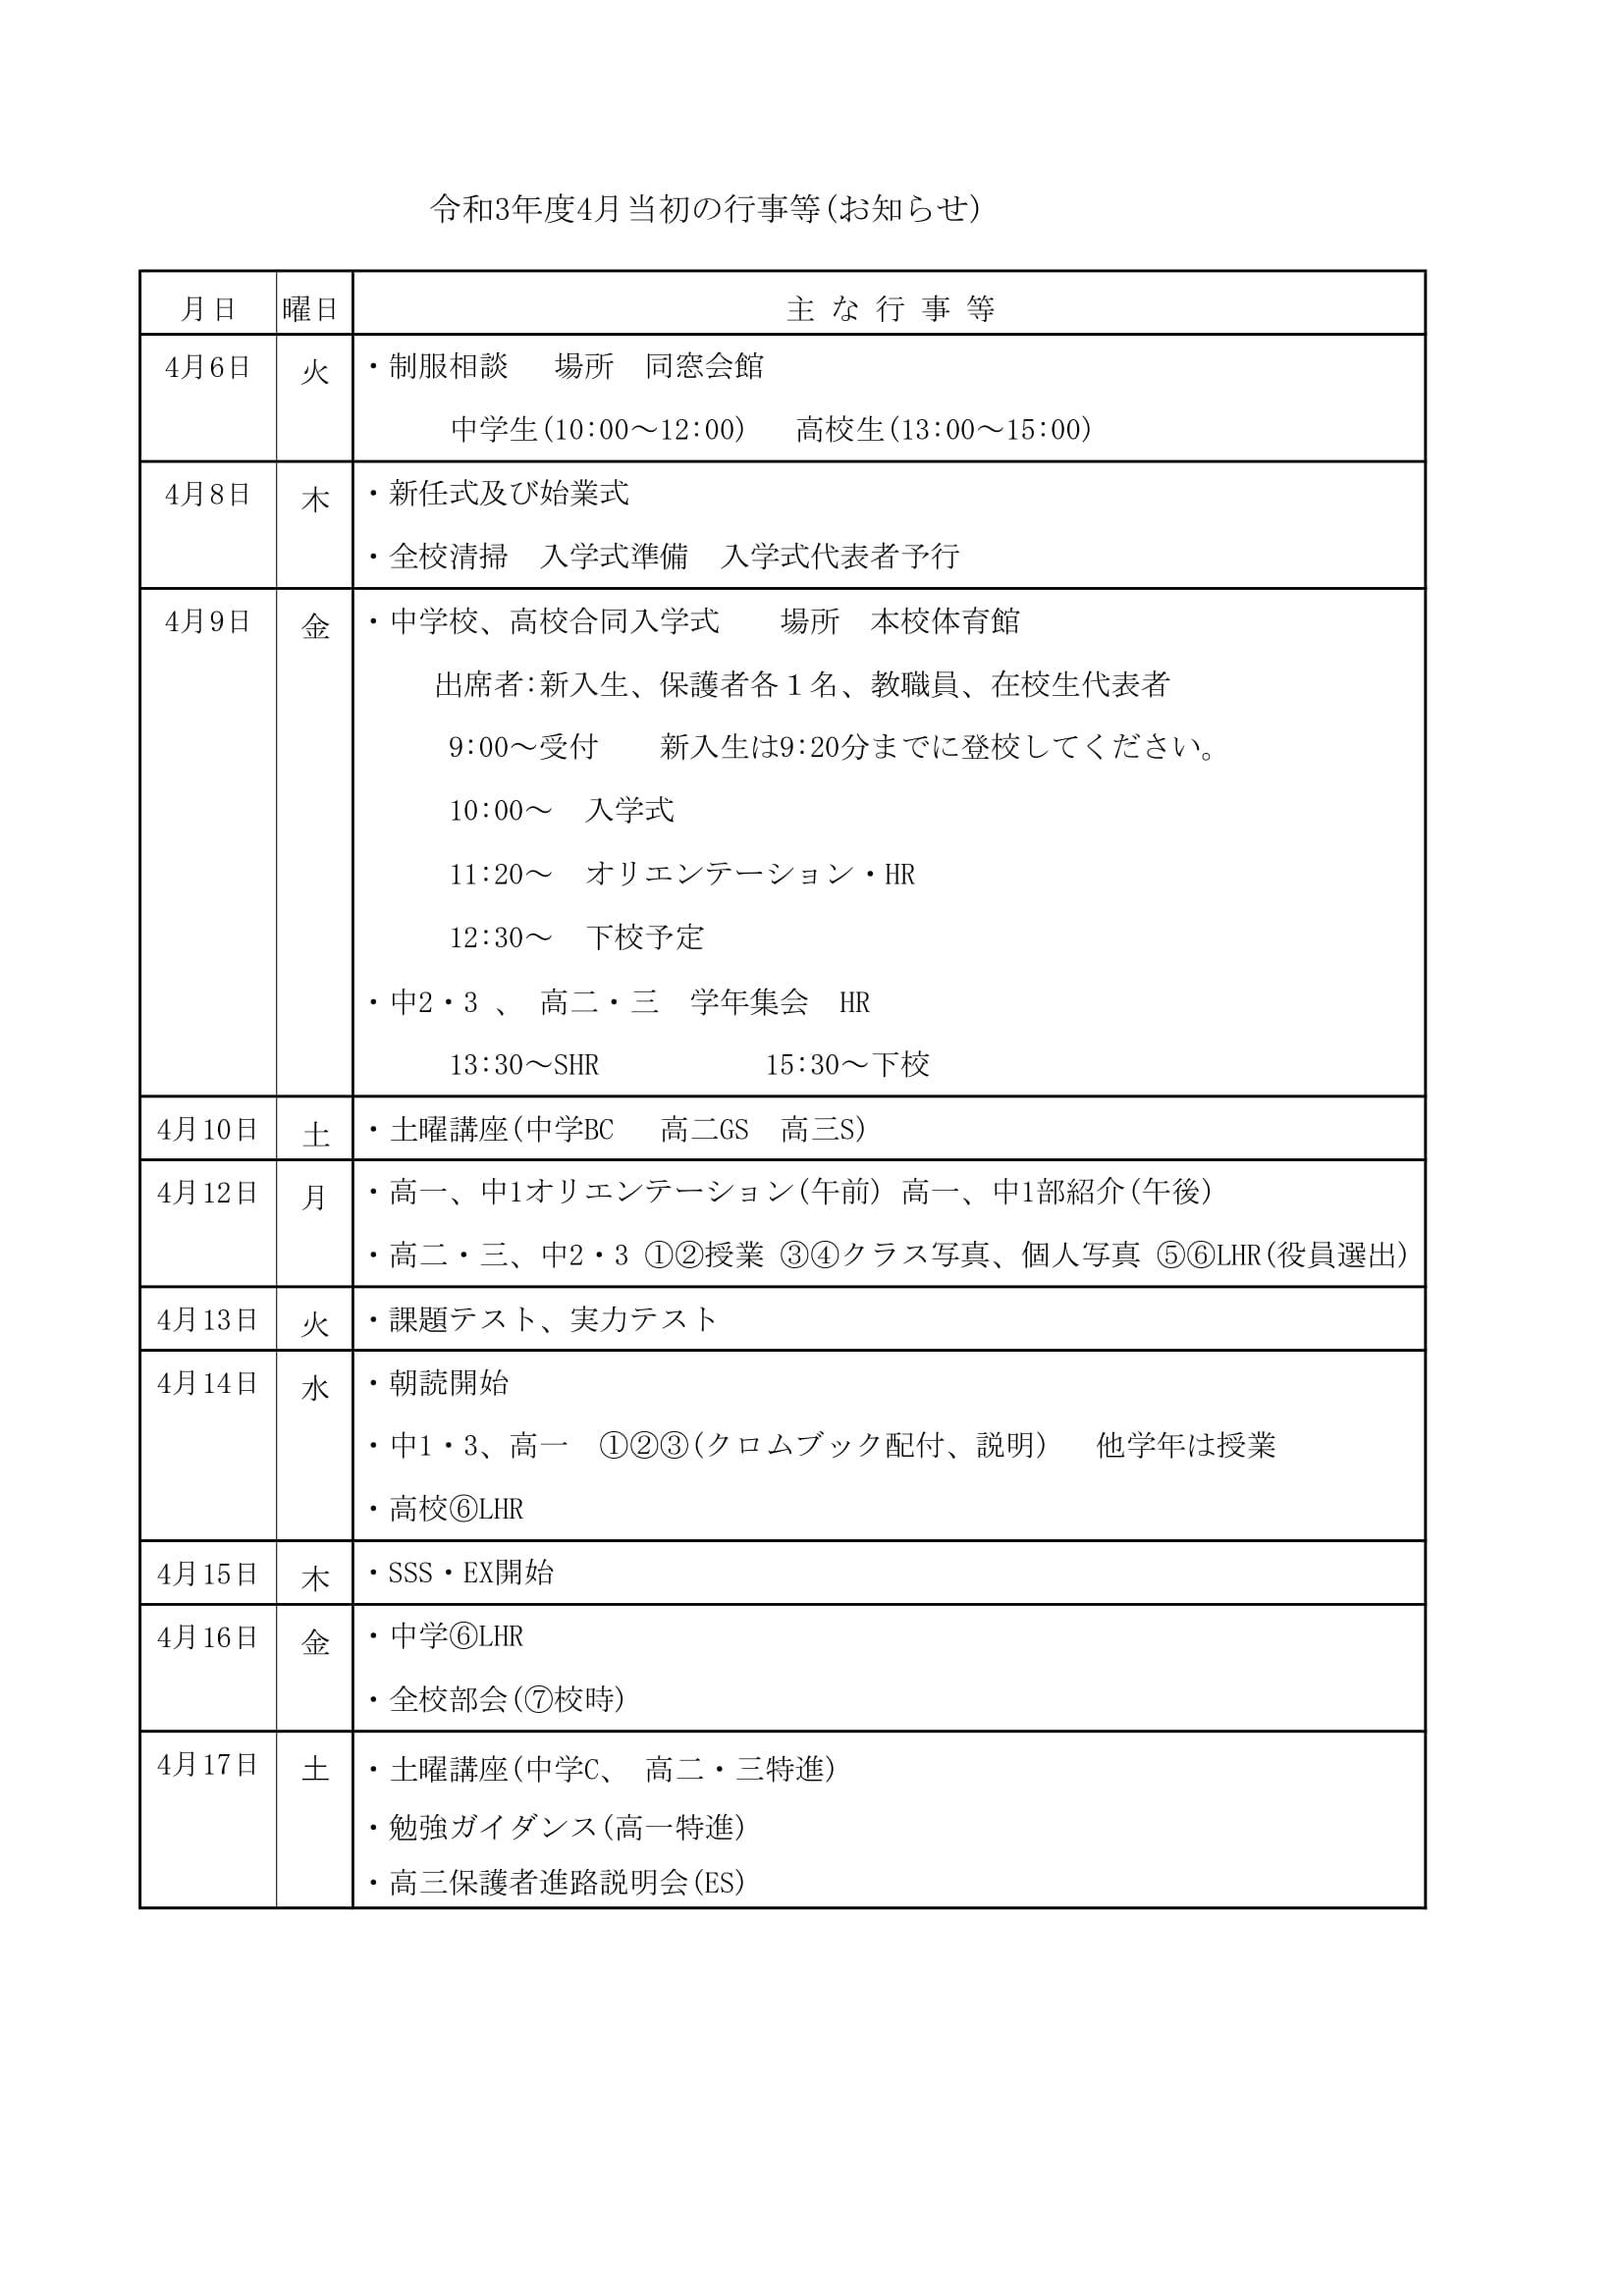 令和3年度4月当初の行事等(お知らせ)